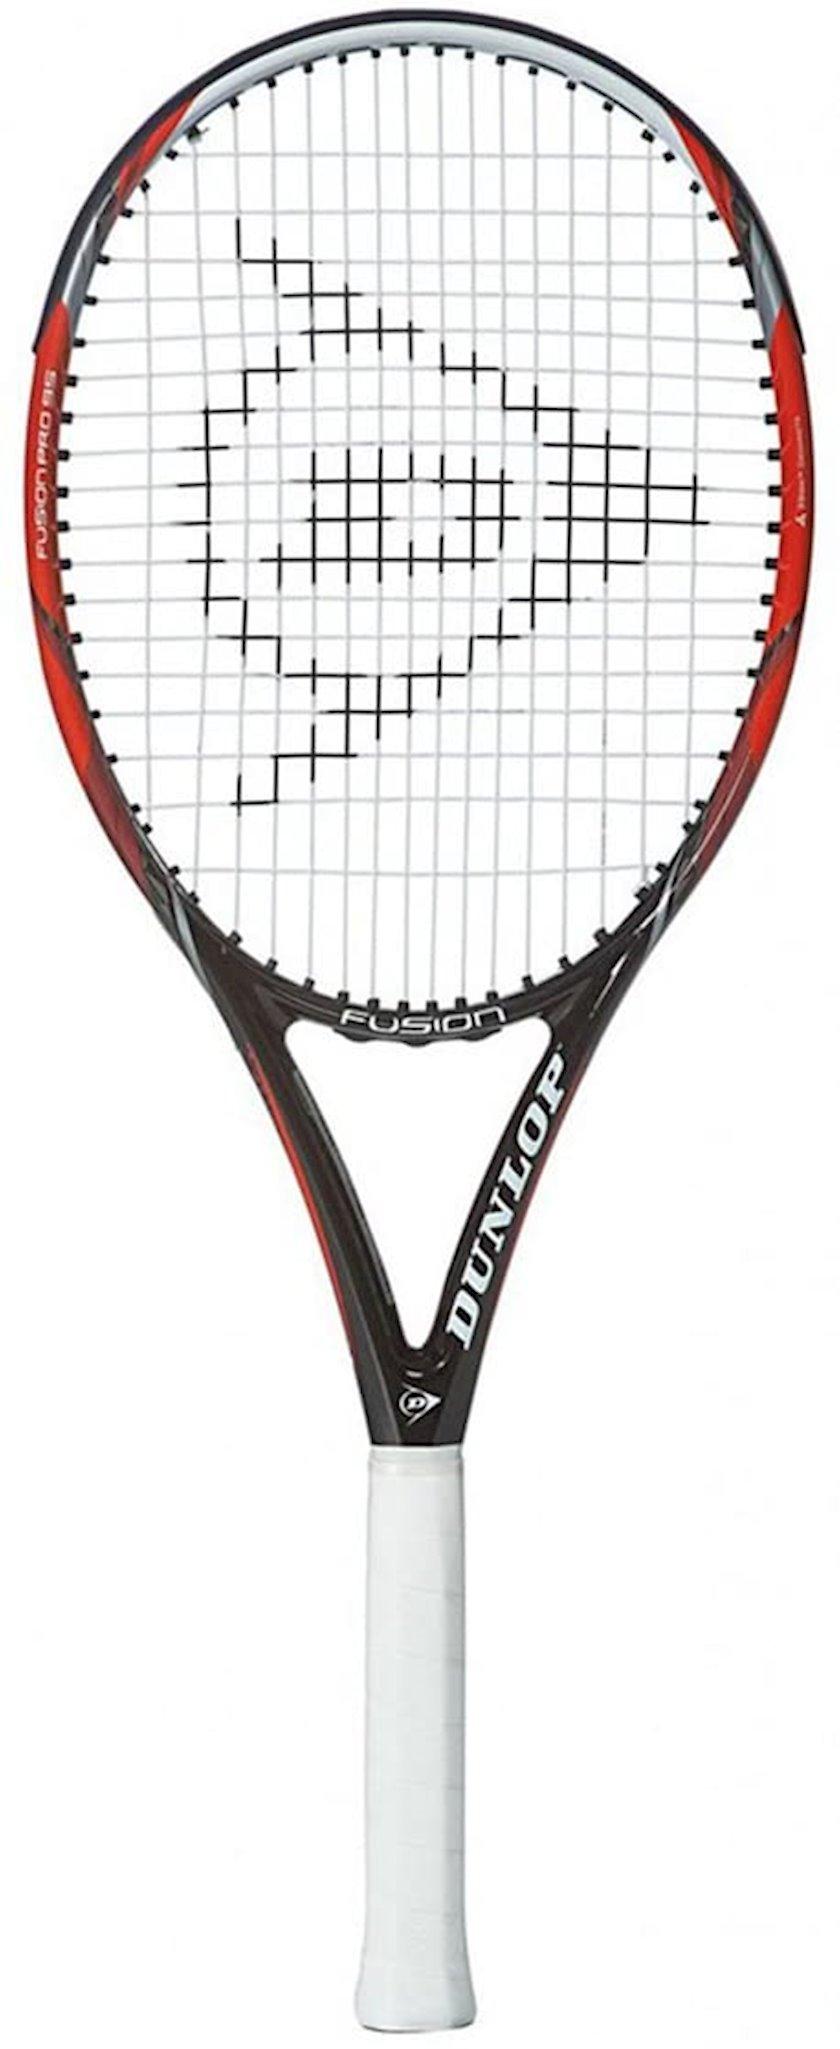 Böyük tennis üçün tennis raketkası Dunlop Fusion Pro 95 L2, uniseks, qrafit, qırmızı/qara, 255 q